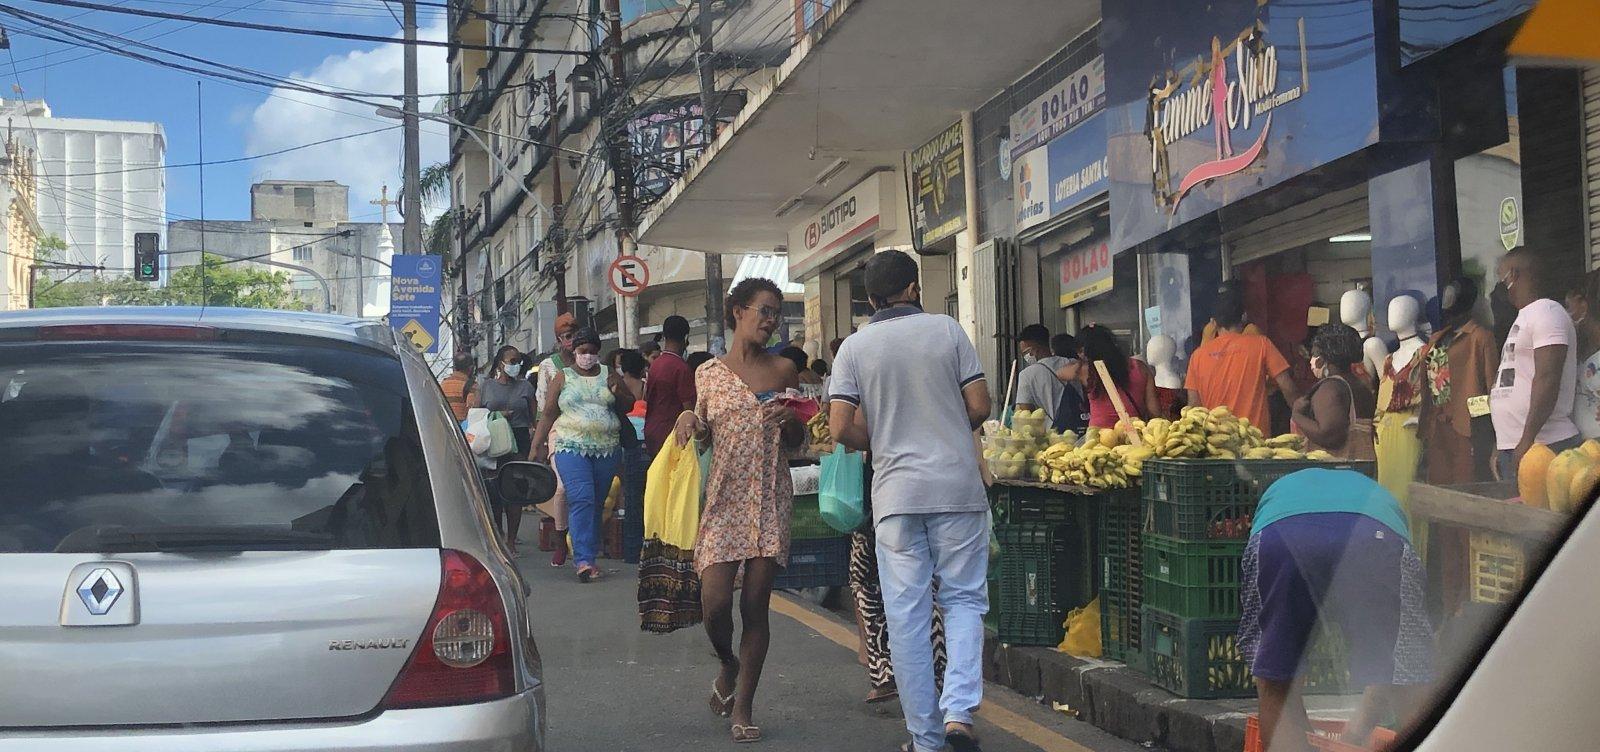 [Prefeito dá 'voto de confiança' à Avenida Joana Angélica, que tem dia de 'caos' em Salvador]